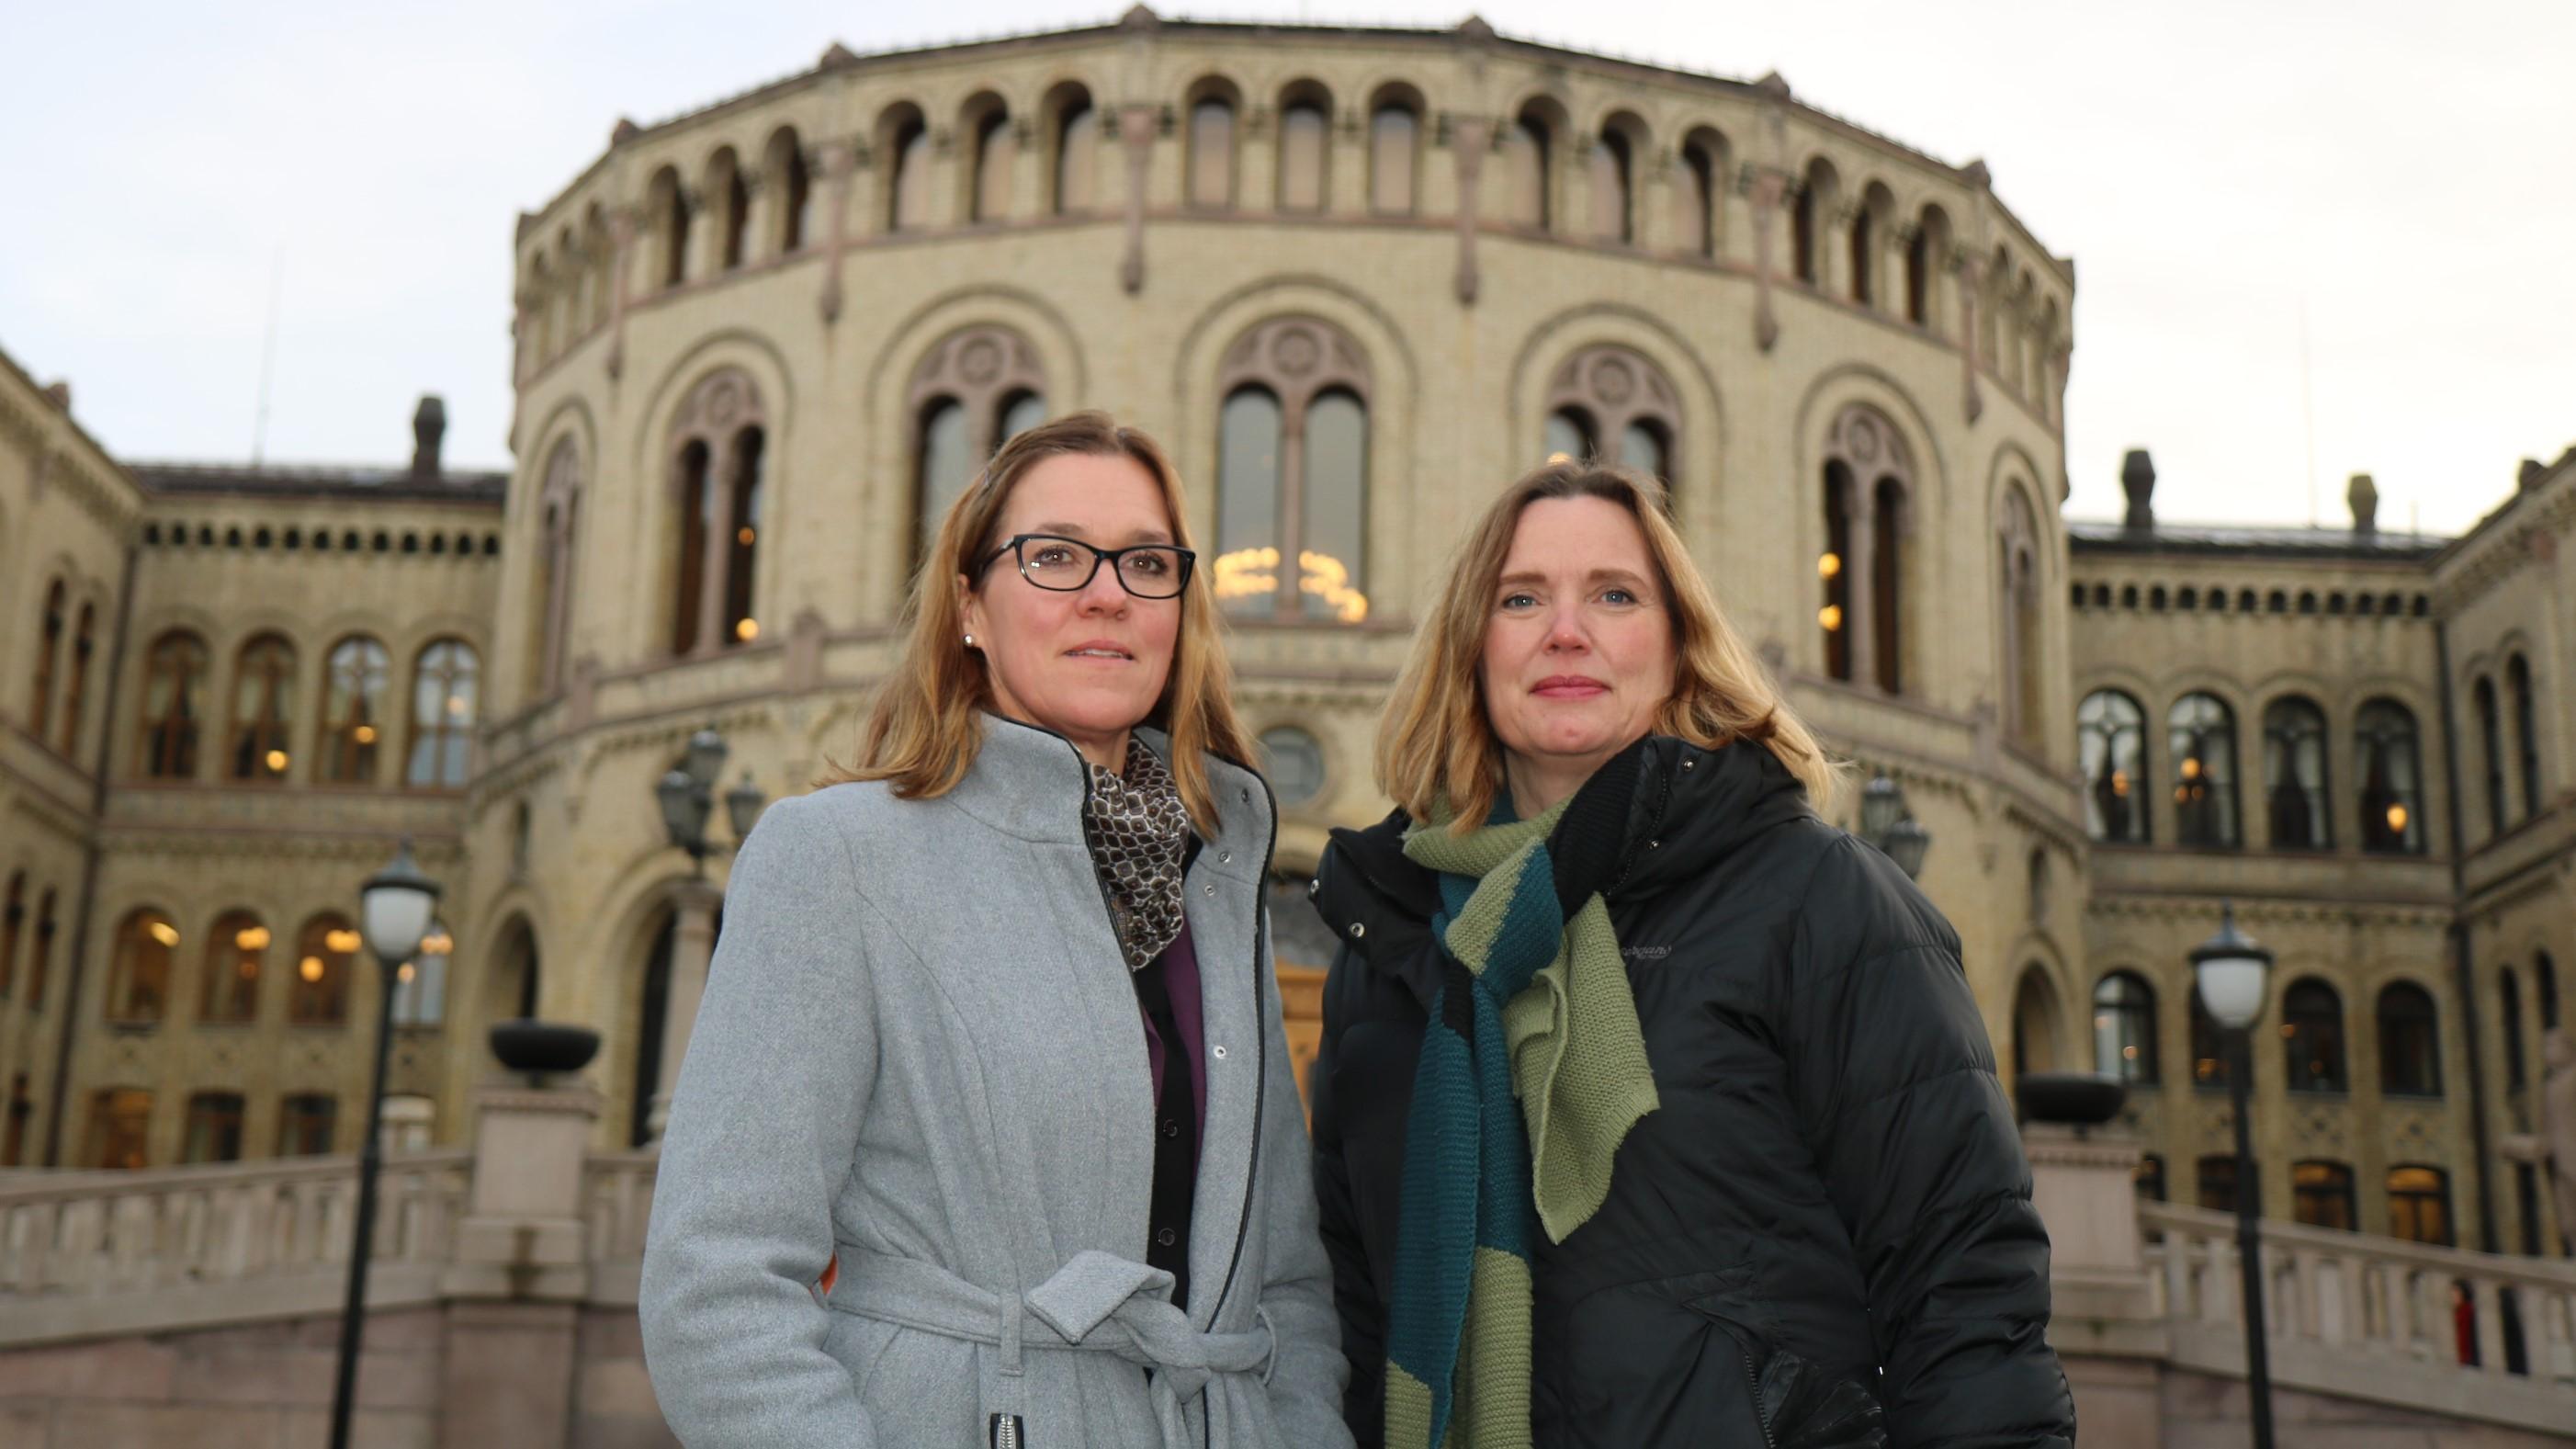 PÅ HØRING: Forbundsledelsens Marit Selfors Isaksen og Hanne Glemmestad representerte FO på høring om den mye omtalte NAV-saken.